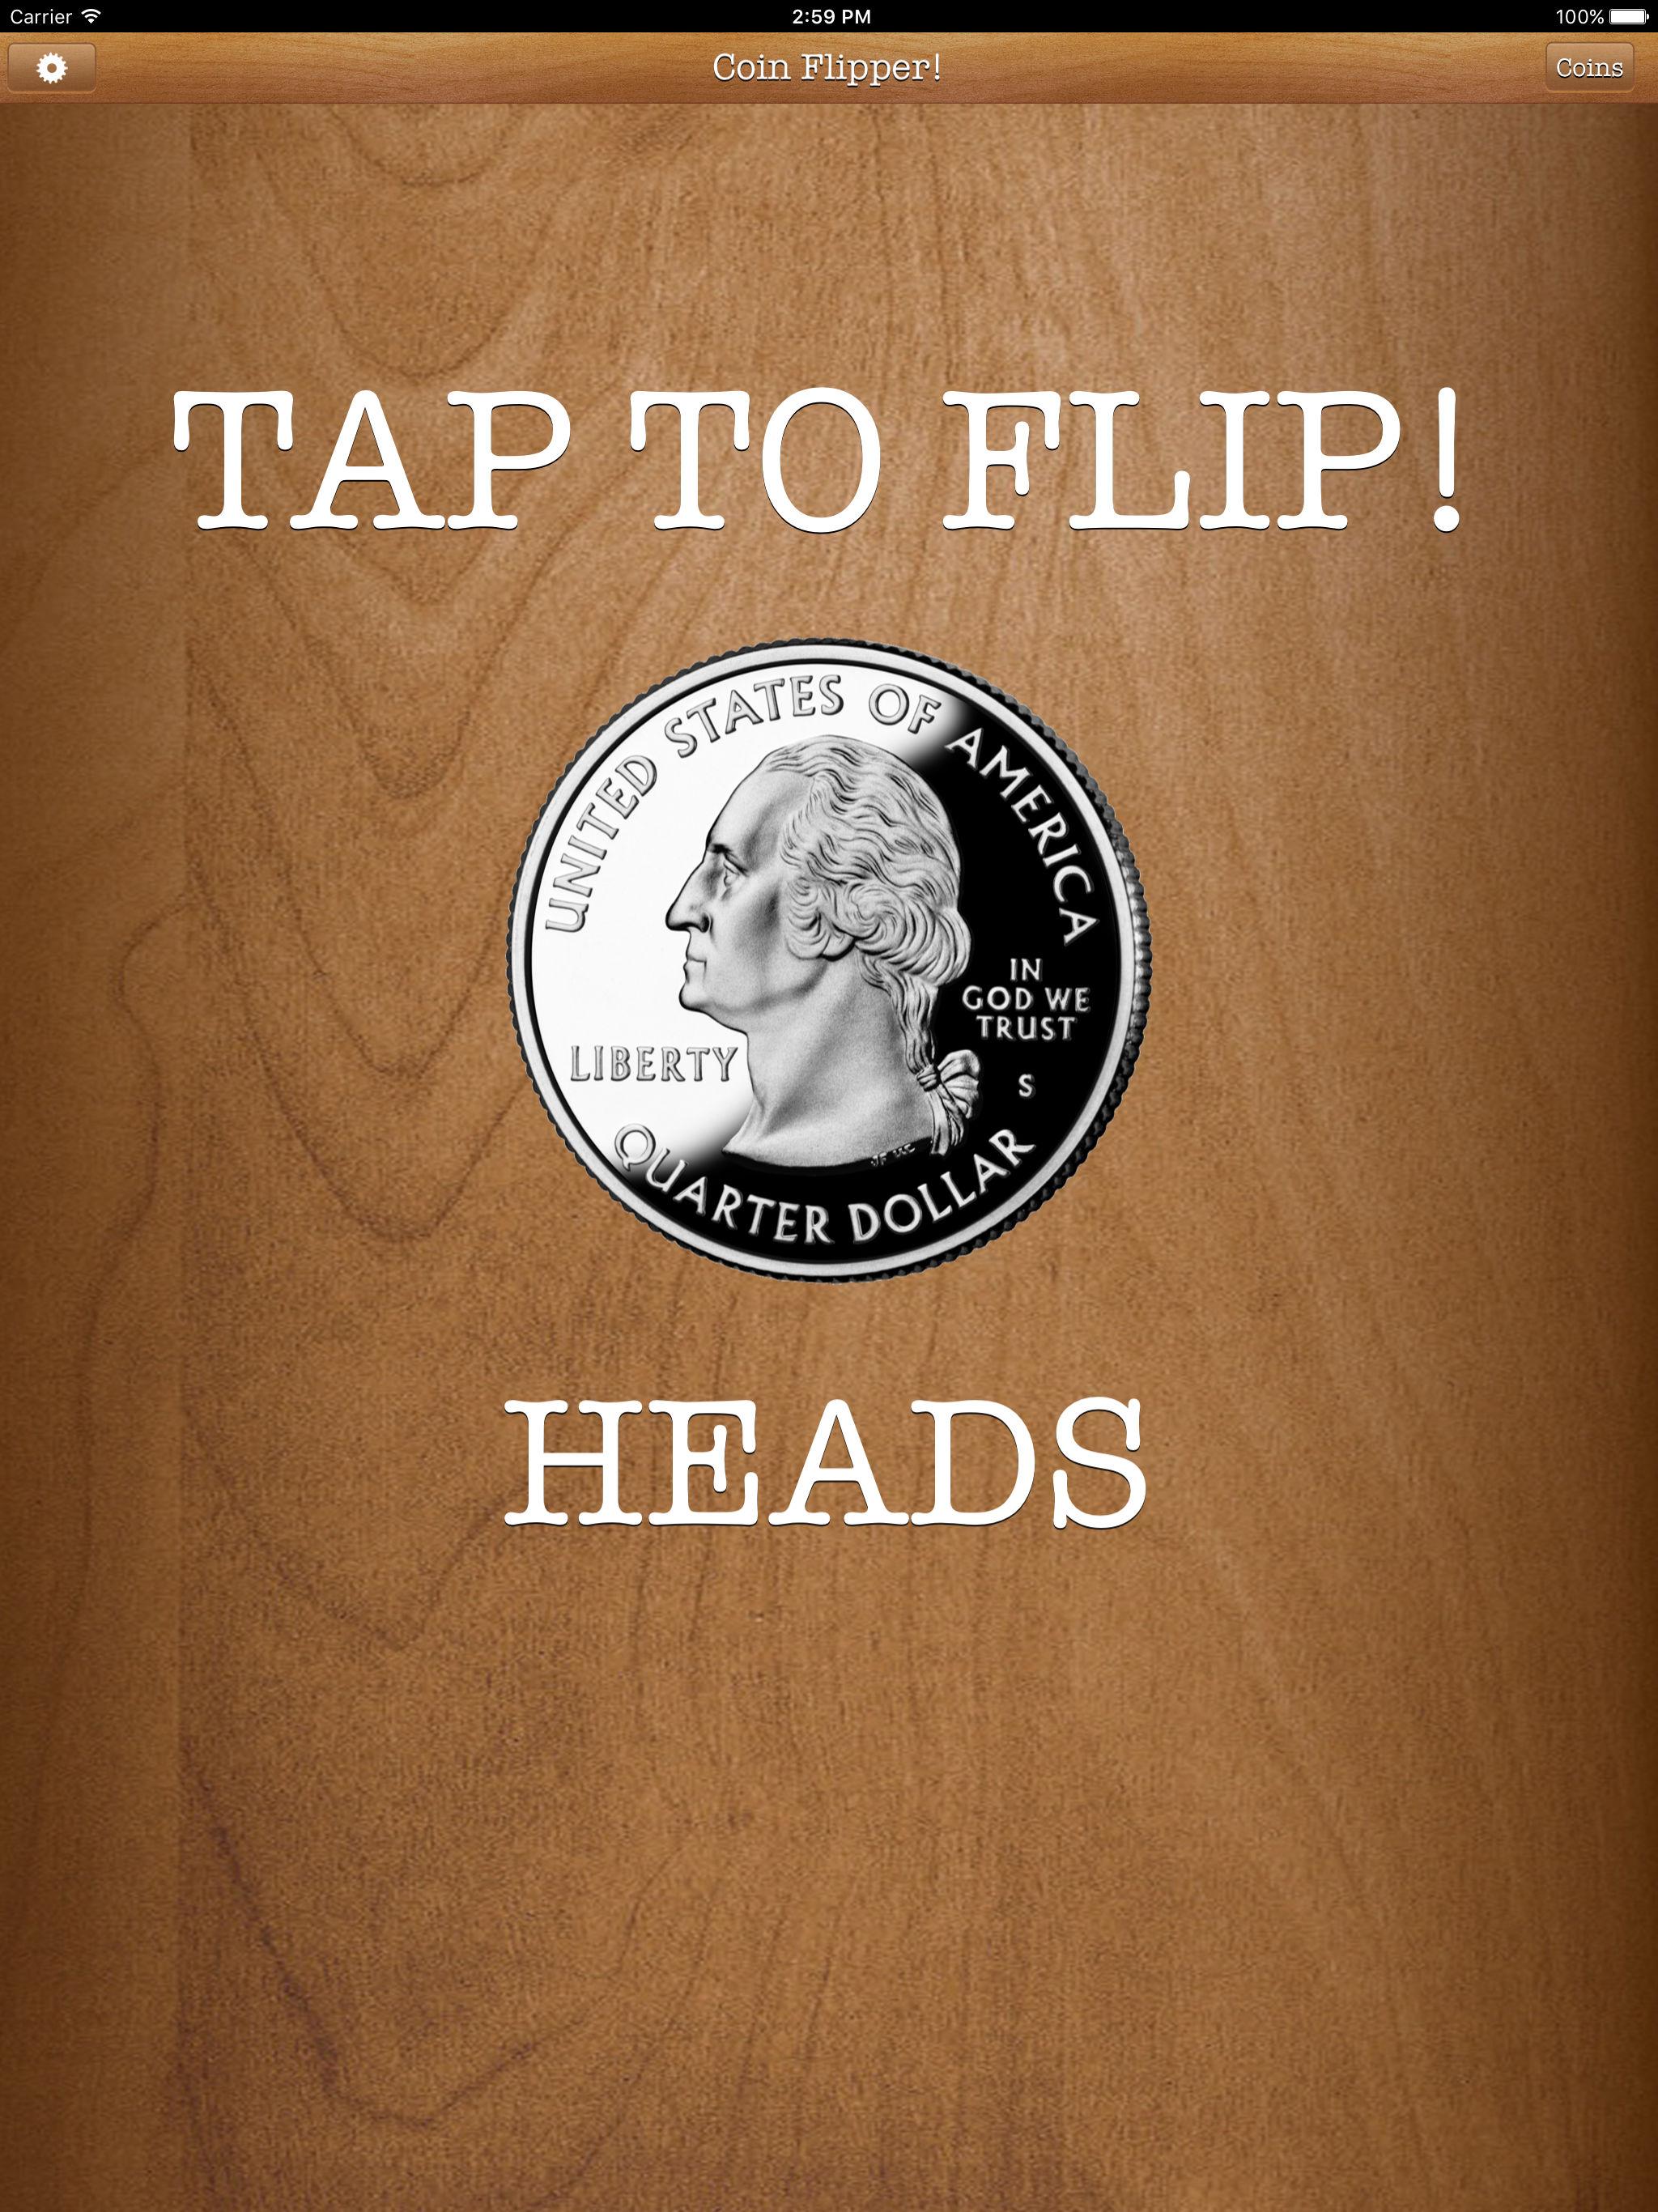 Flip a Coin App iPad Pro screenshot quarter on heads.